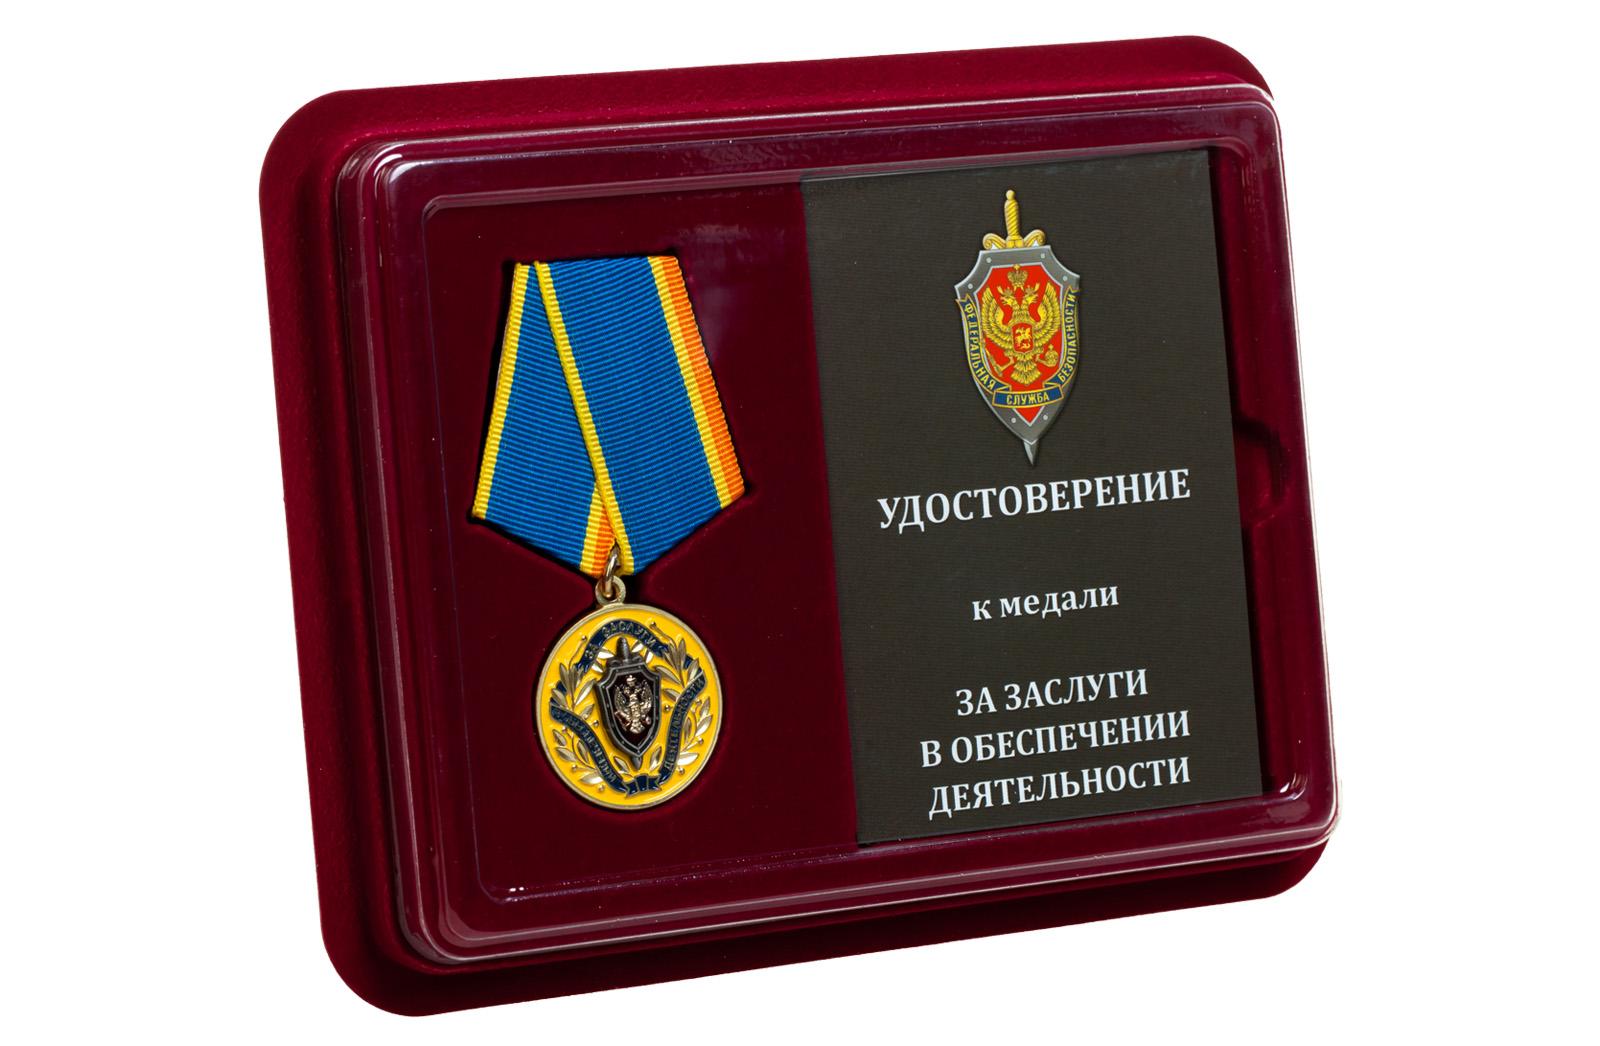 Медаль ФСБ РФ За заслуги в обеспечении деятельности - в футляре с удостоверением